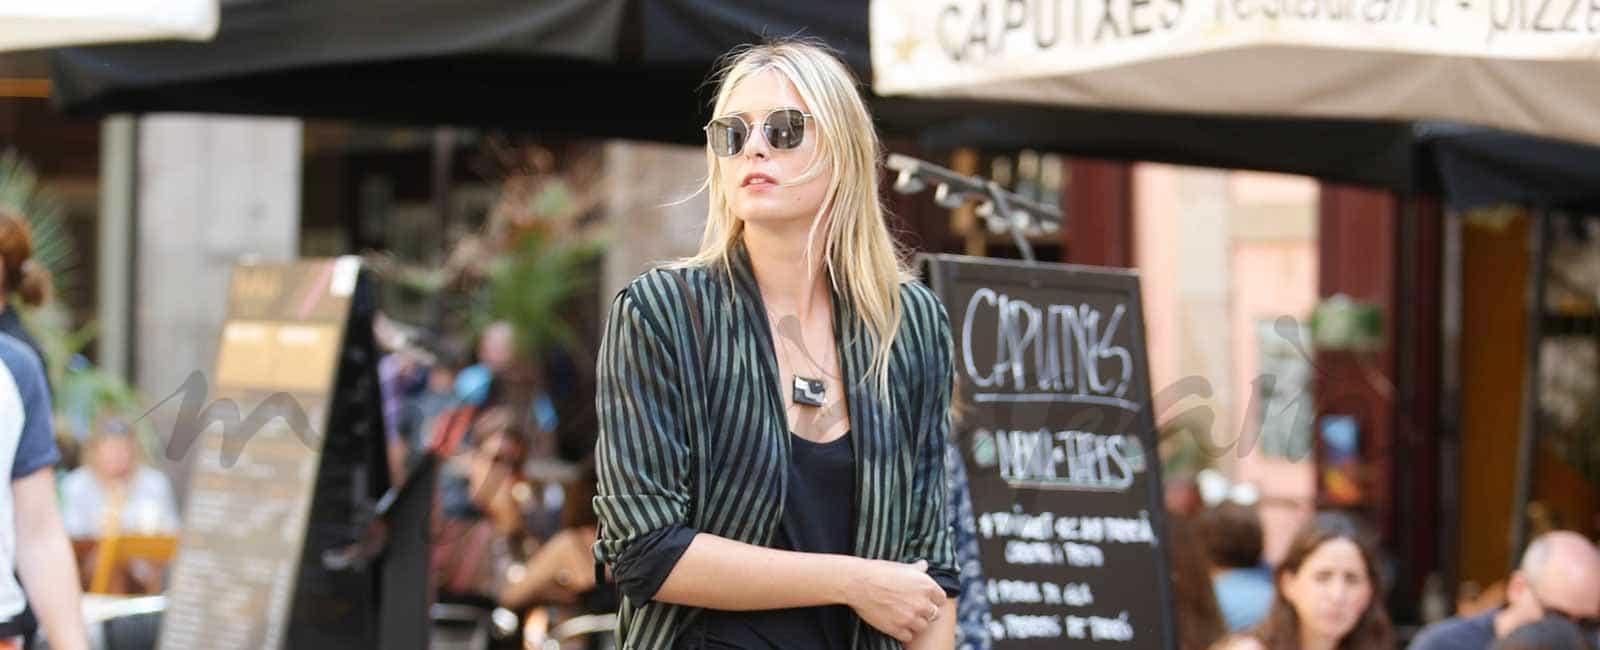 Maria Sharapova vacaciones en Barcelona